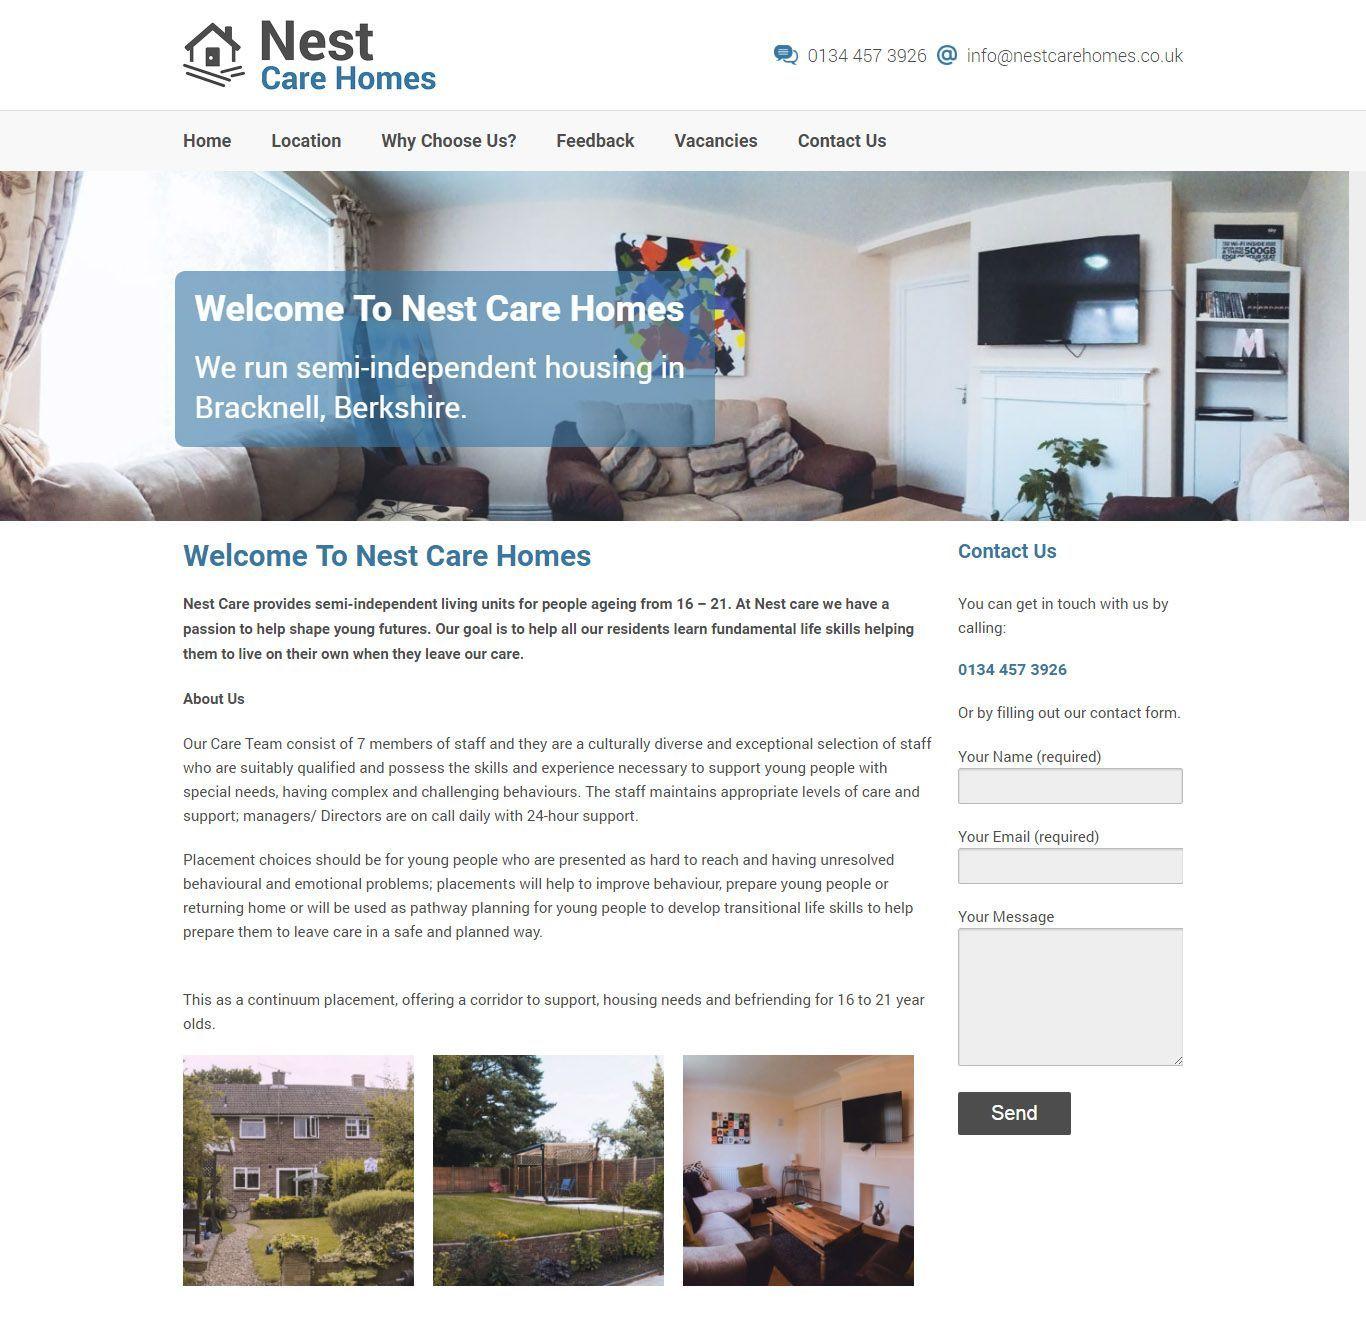 nest-care-home-website-design